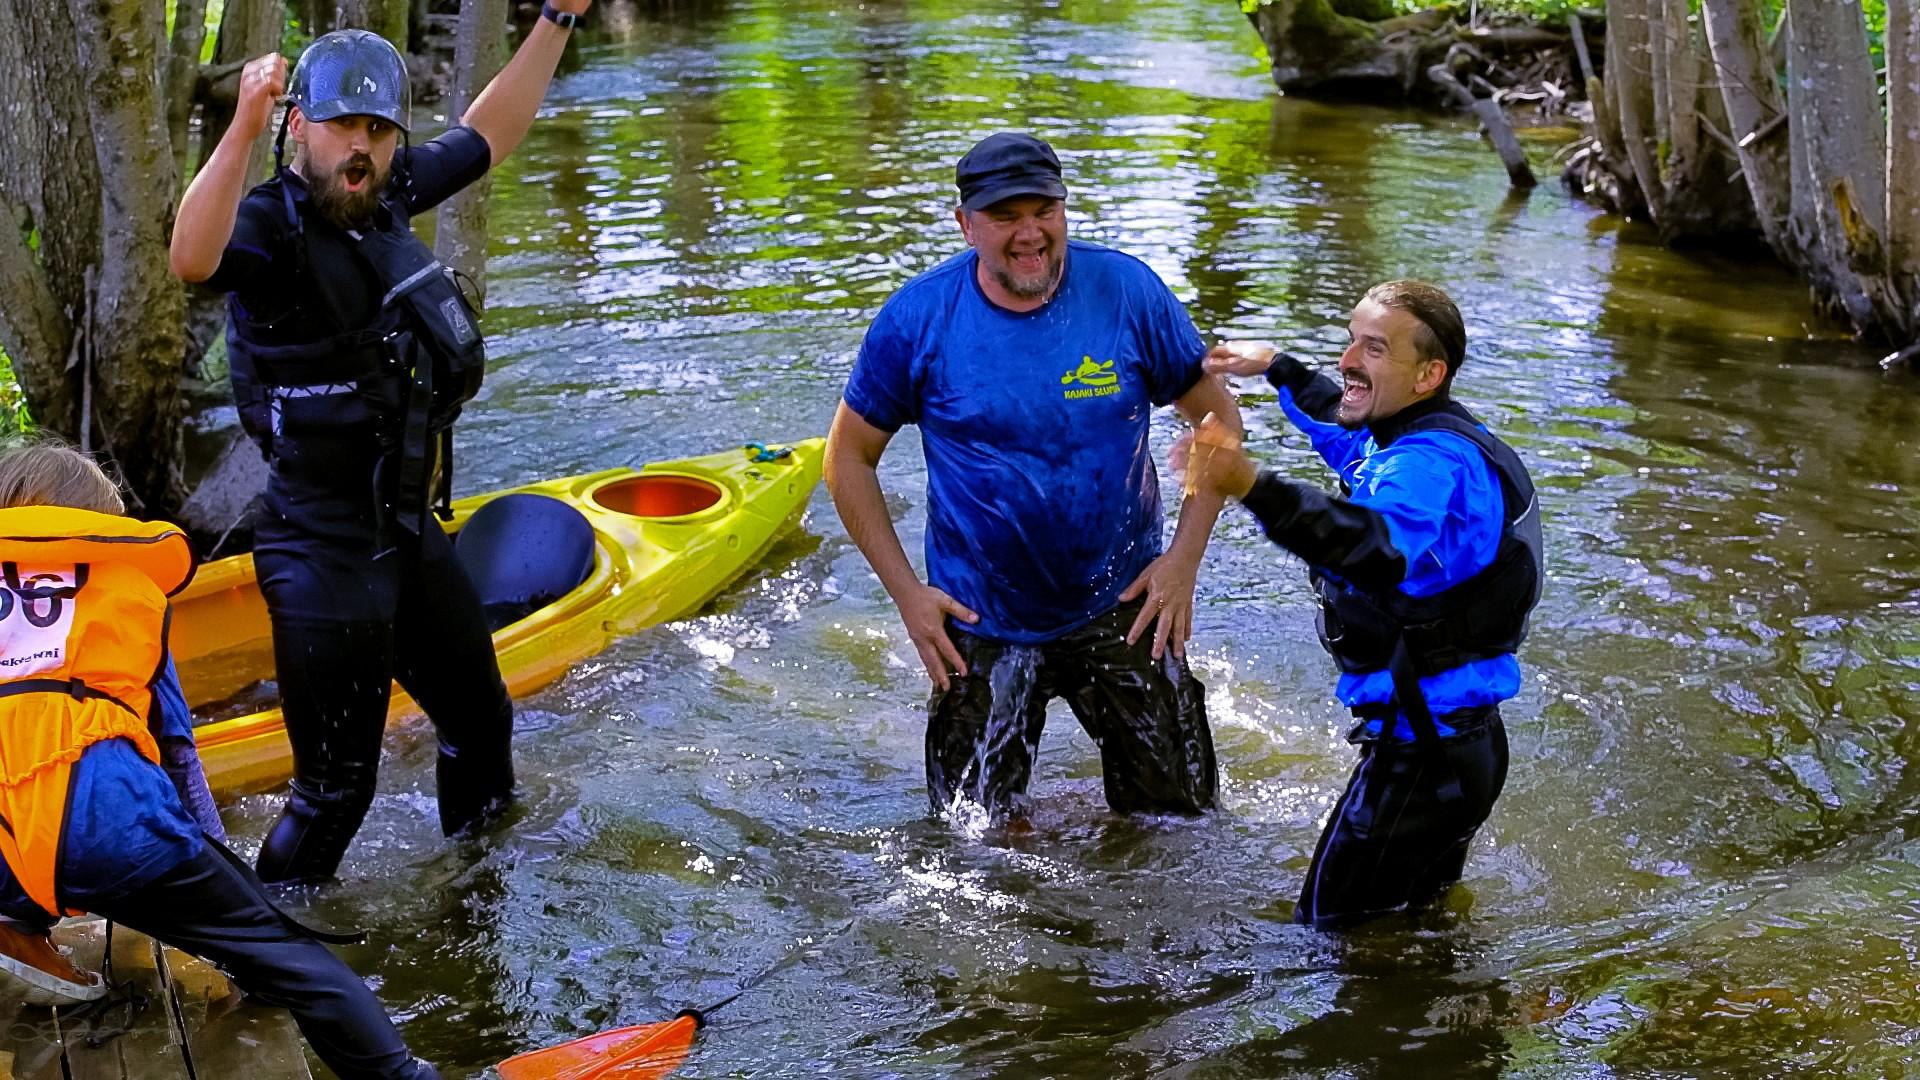 Spływ kajakowy Hydroaktywni 2018. Spłynęliśmy z klimatem  [FOTORELACJA, FILM] 27